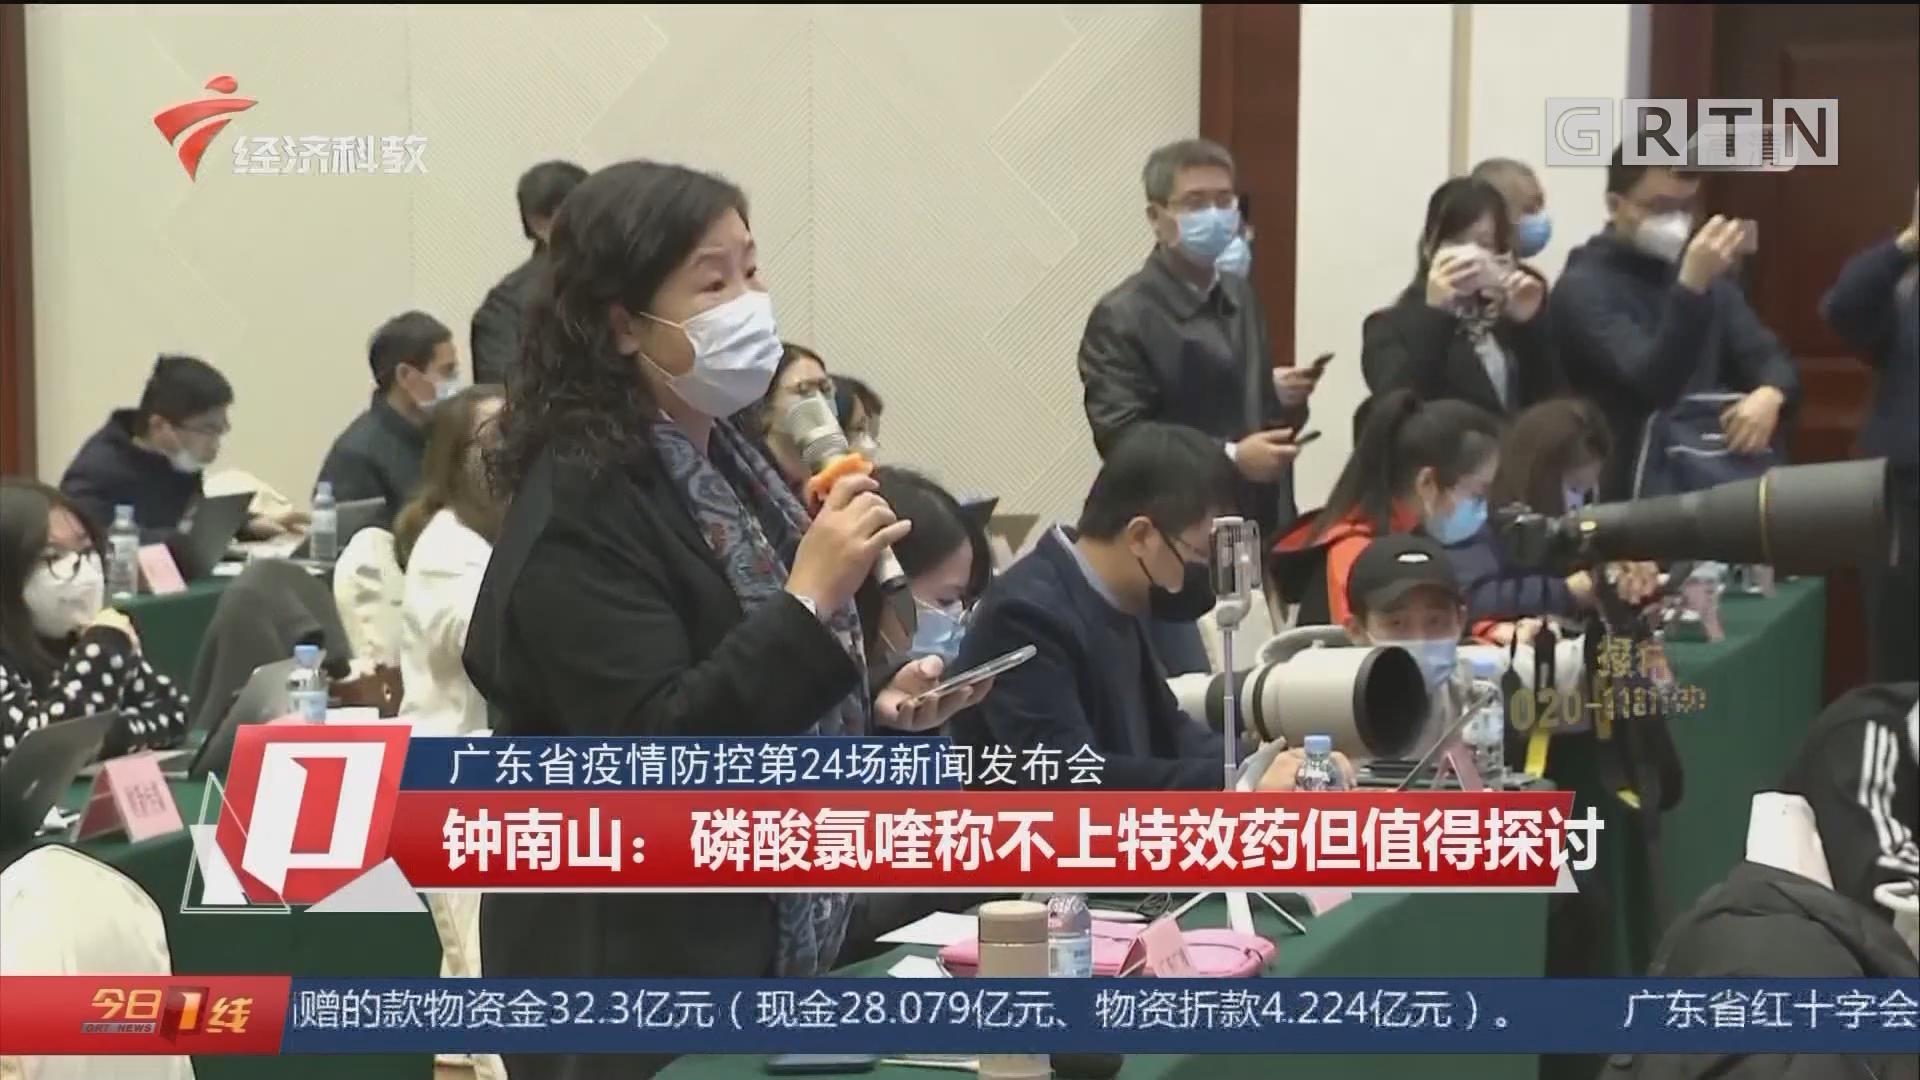 广东省疫情防控第24场新闻发布会 钟南山:磷酸氯喹称不上特效药但值得探讨